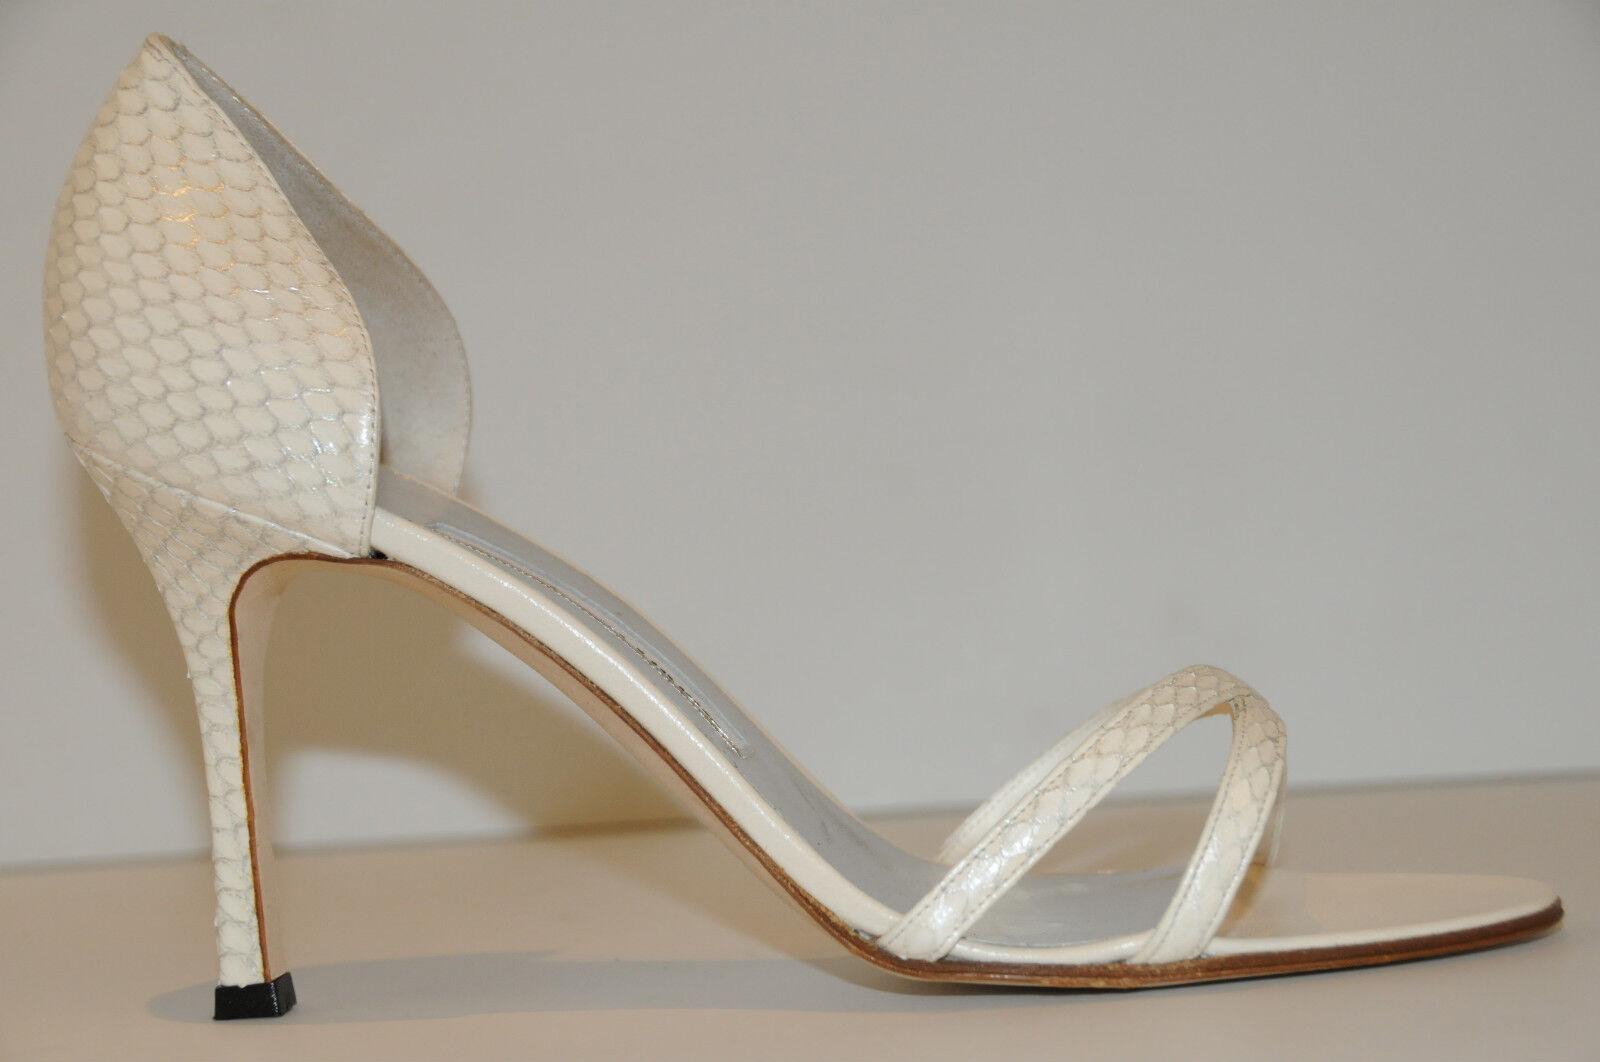 985 Nueva Manolo Blahnik Pari blancoo Plata Serpiente pieles boda sandalias zapatos 40.5